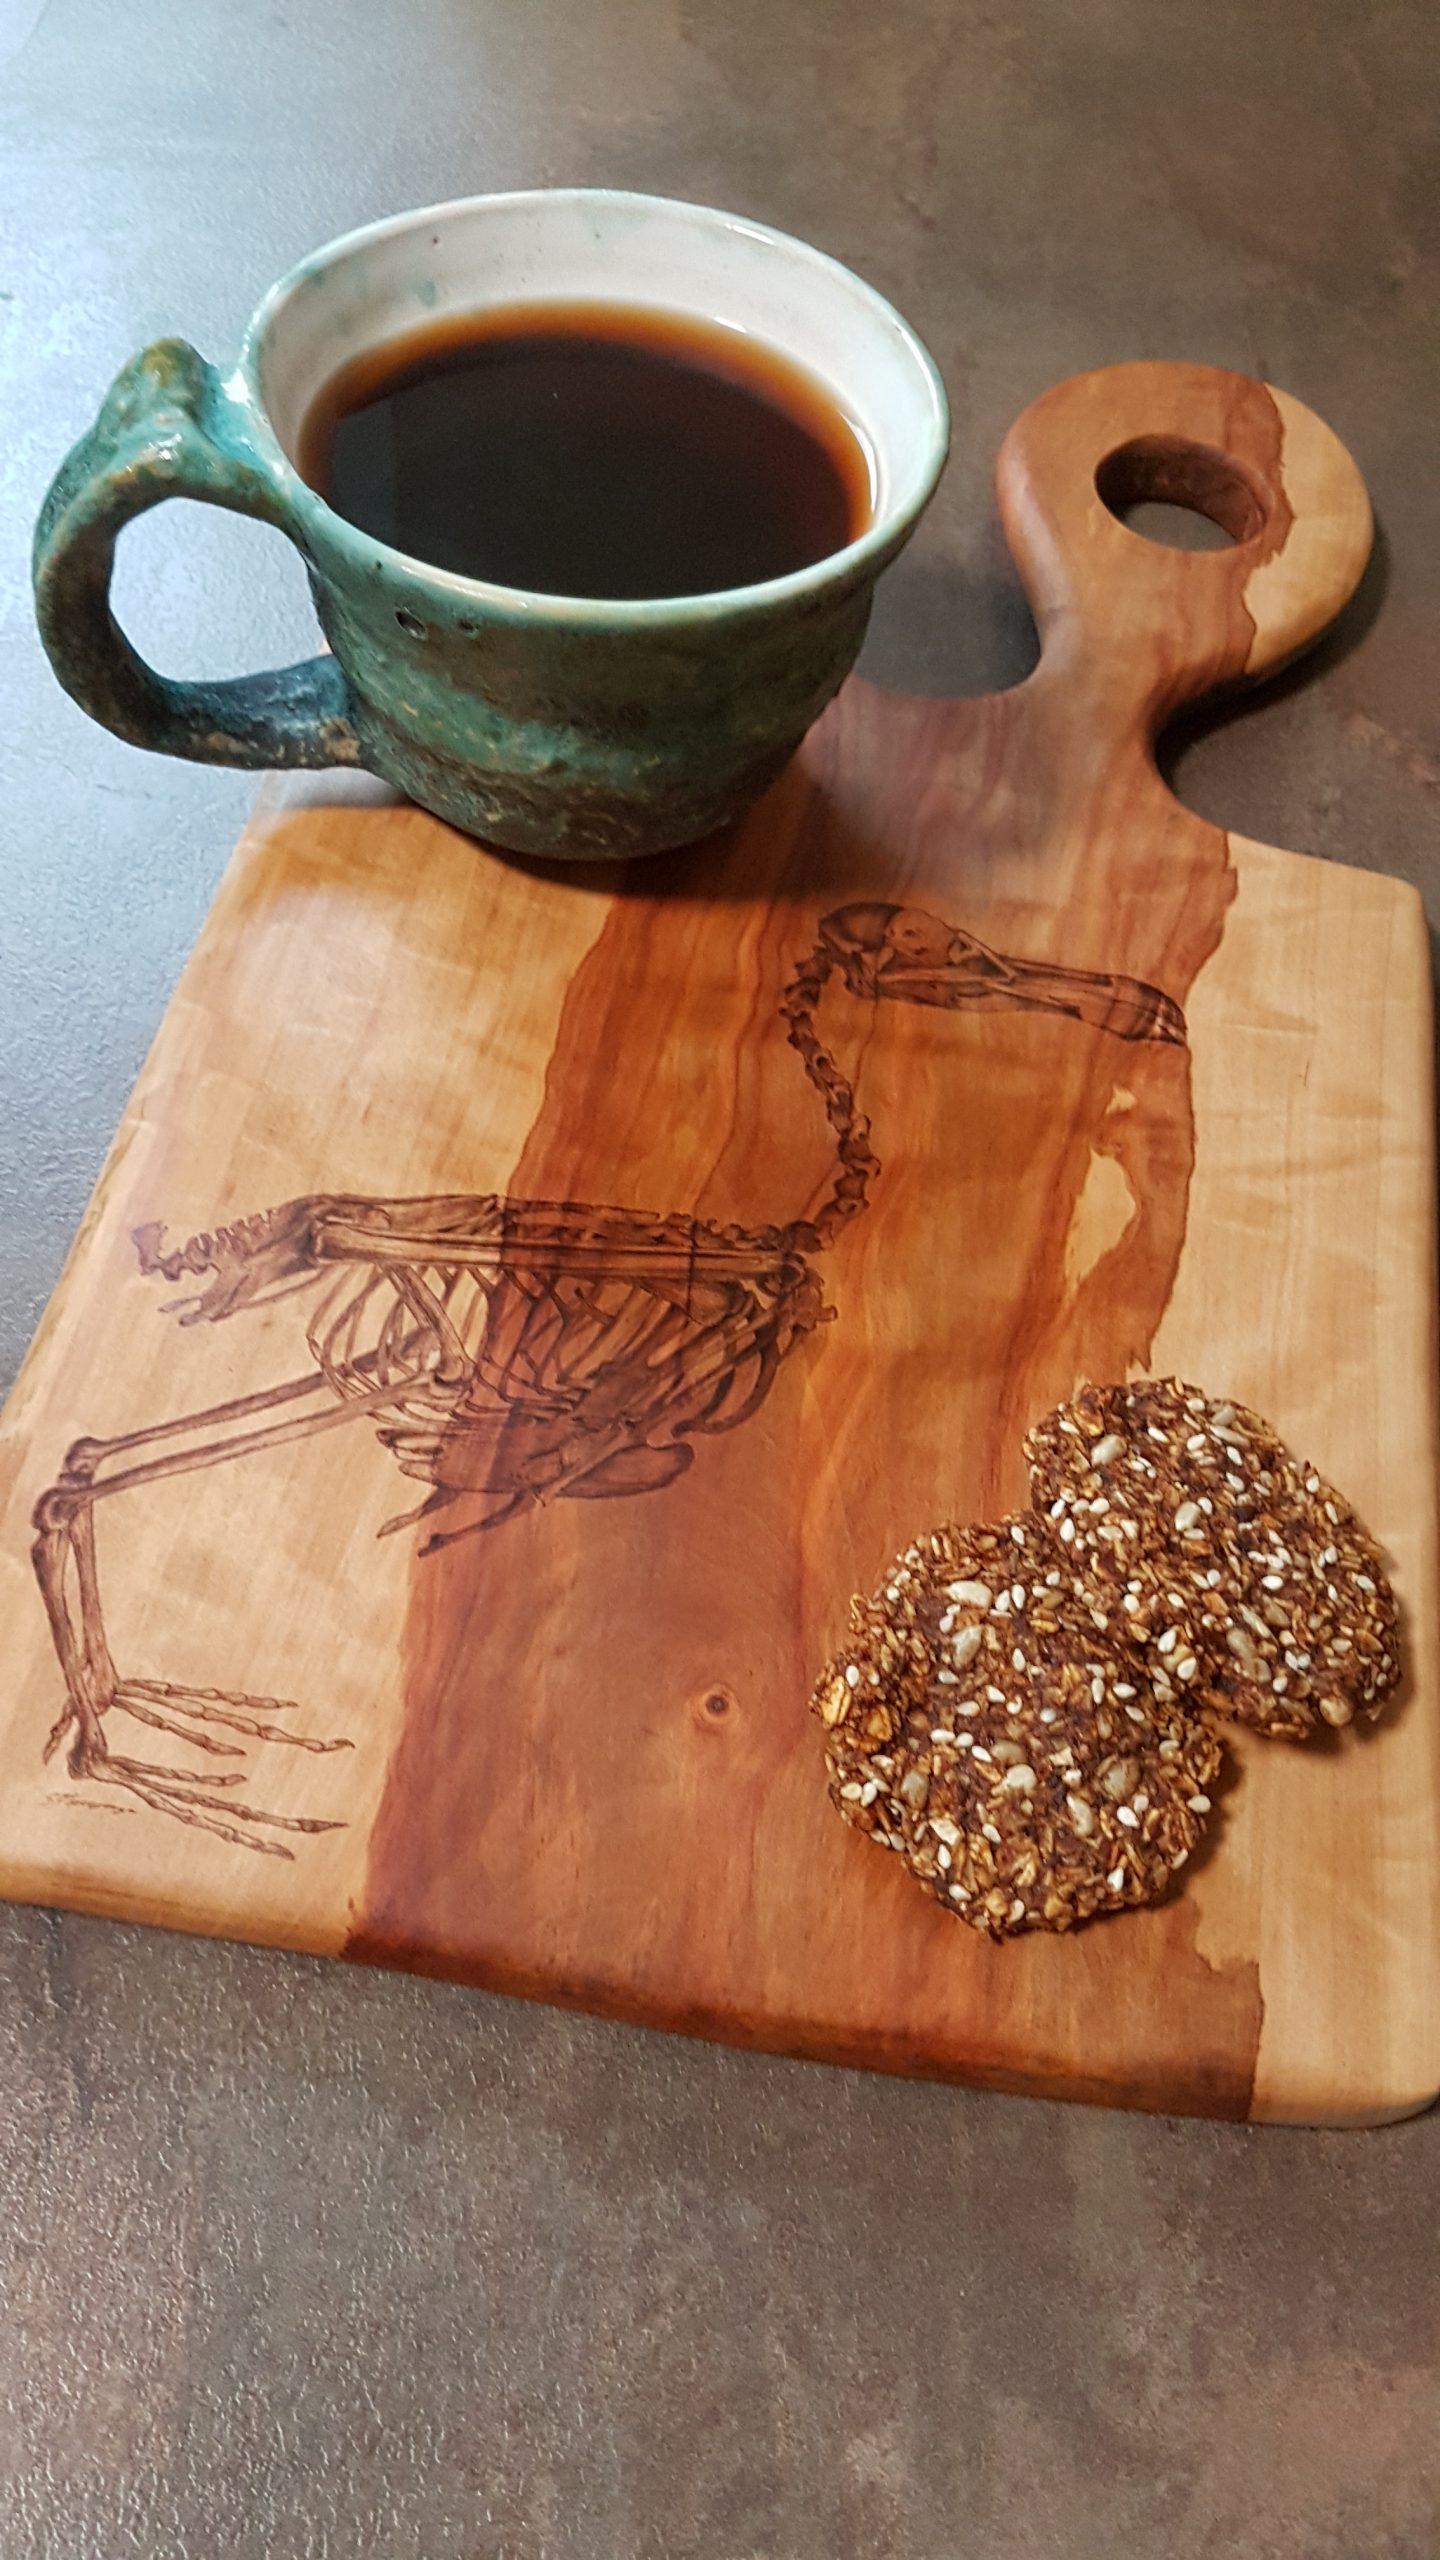 wypalanie w drewnie, sylwia, pirografia, janczyszyn, pyrography, handmade, rękodzieło, pomysł na prezent, deski do krojenia, deski do serwowania